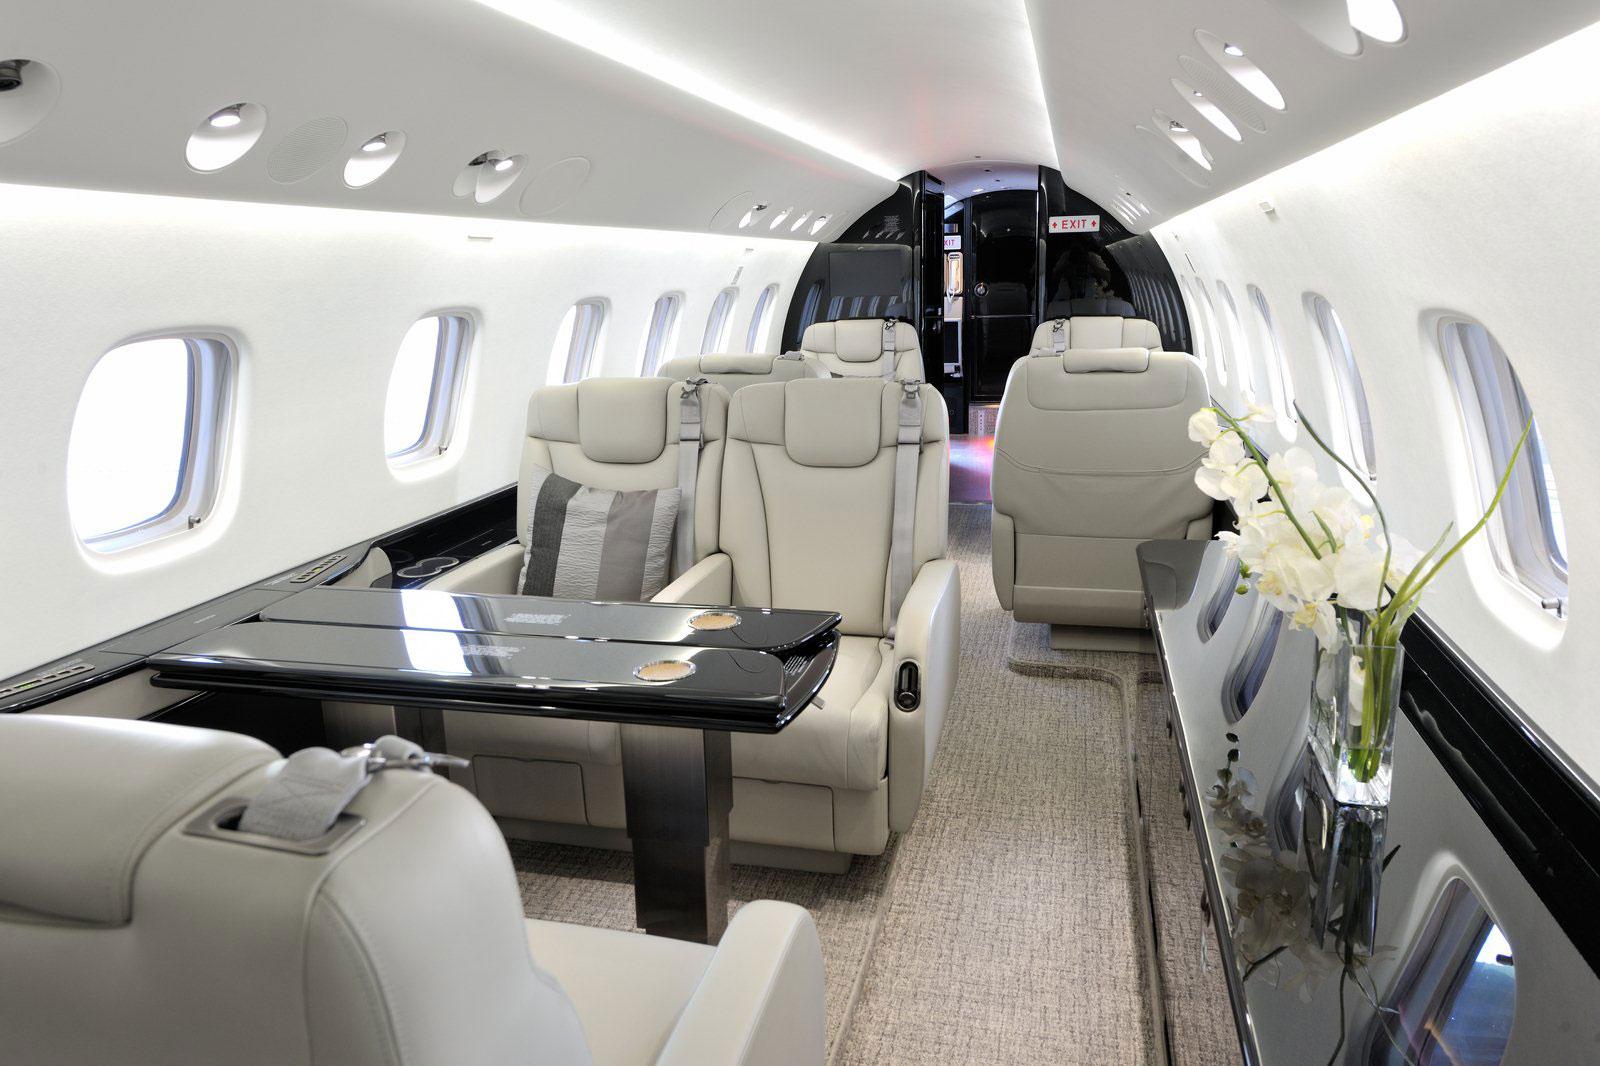 Location jet privé : une solution rapide et efficace